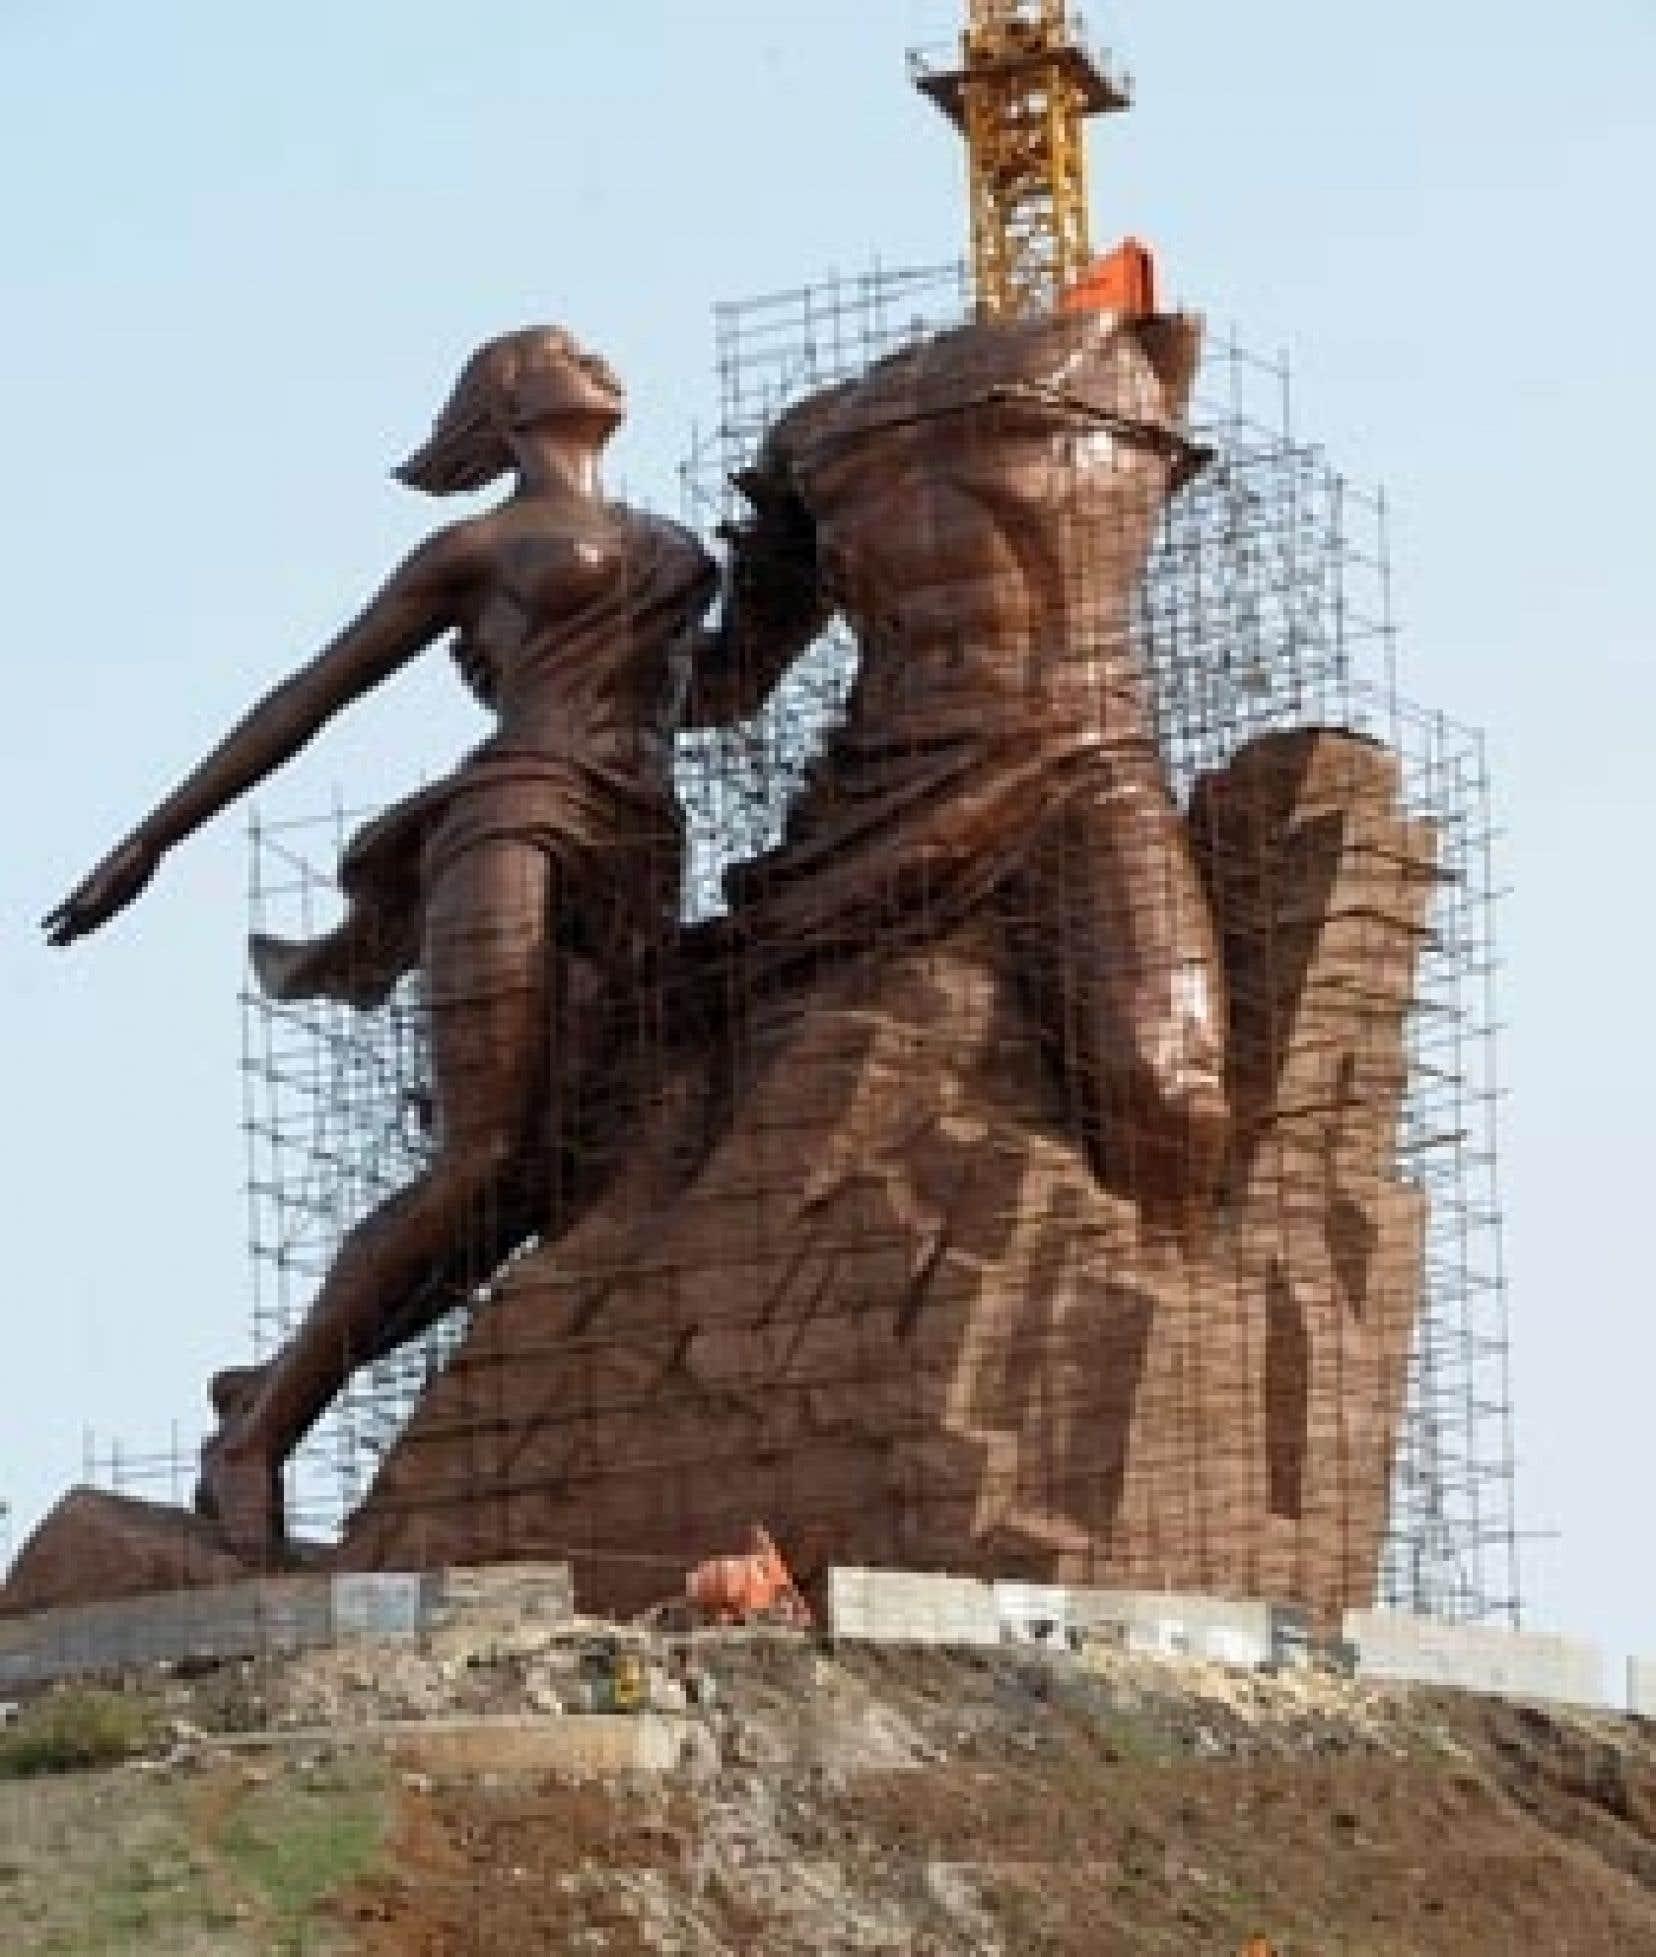 Haut de 50 mètres, le monument sera la plus grande statue de bronze au monde.